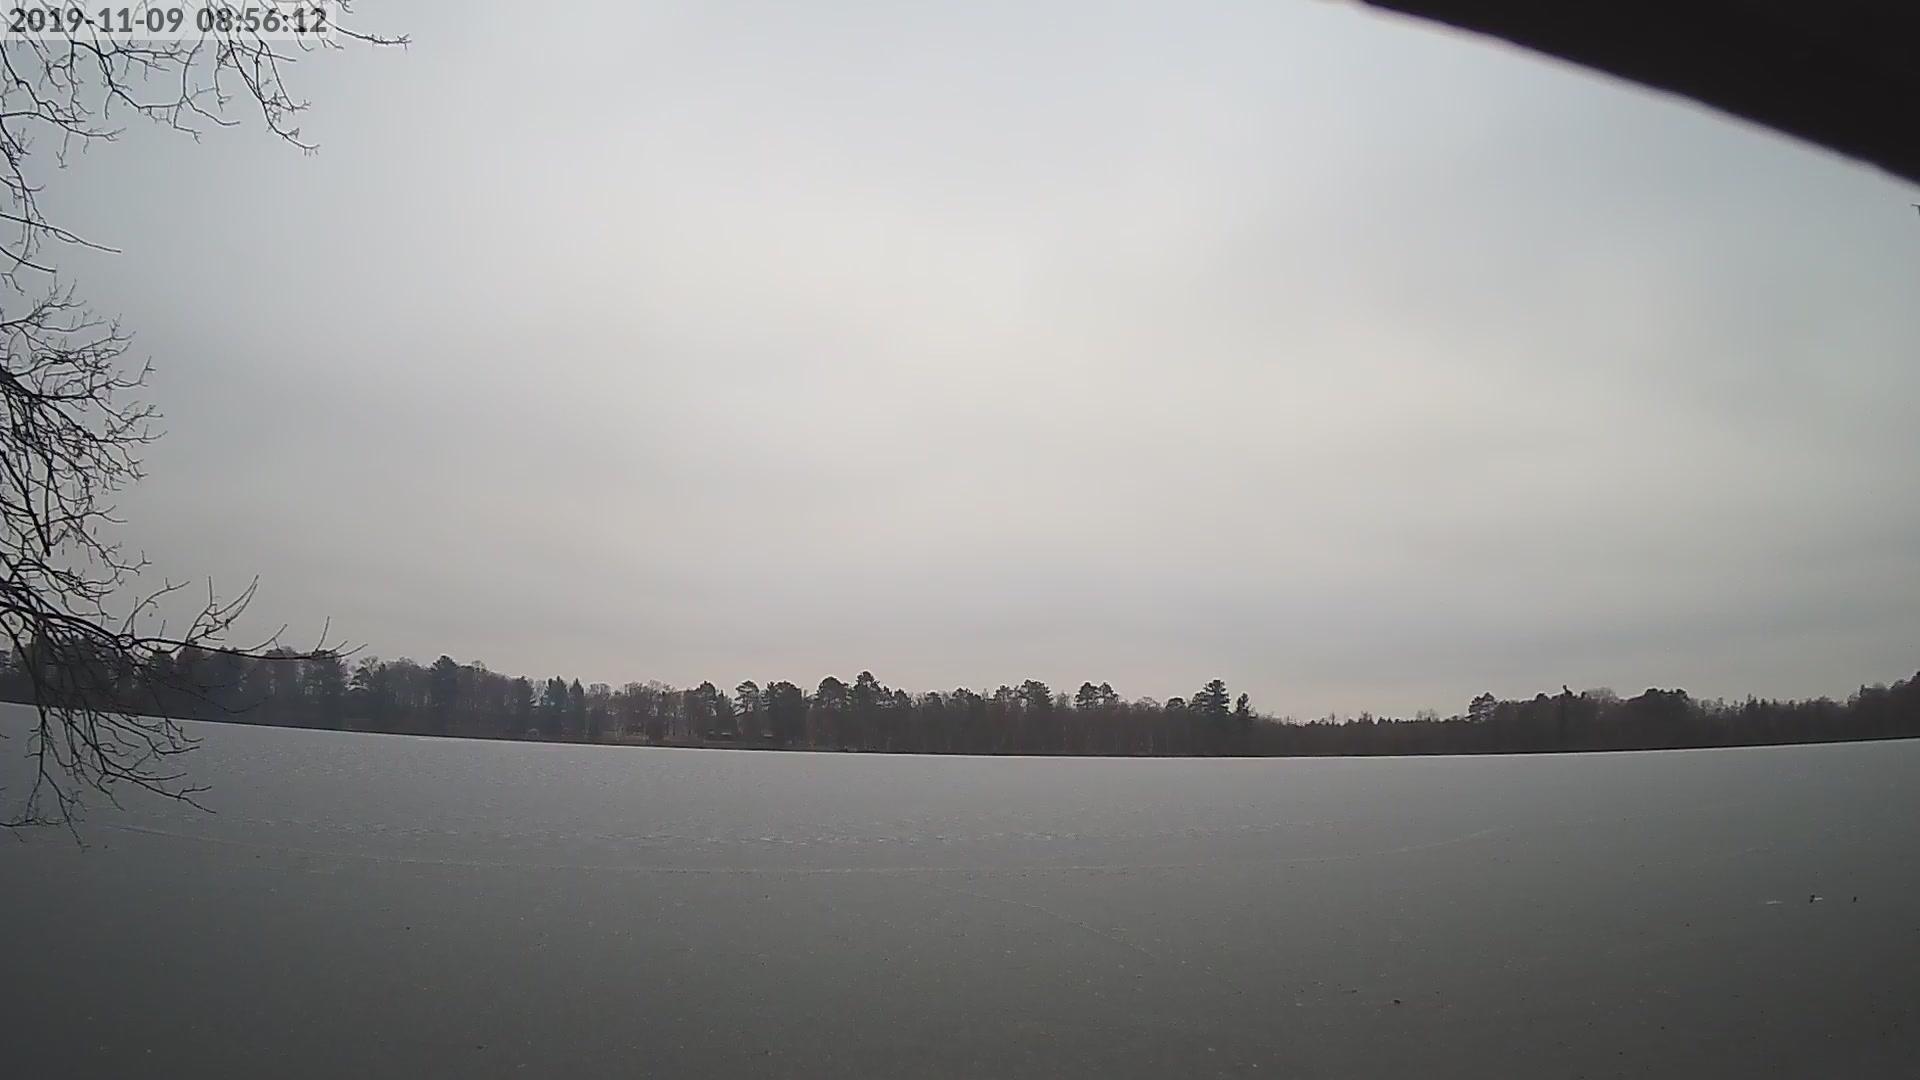 Trout Lake - Emily, MN